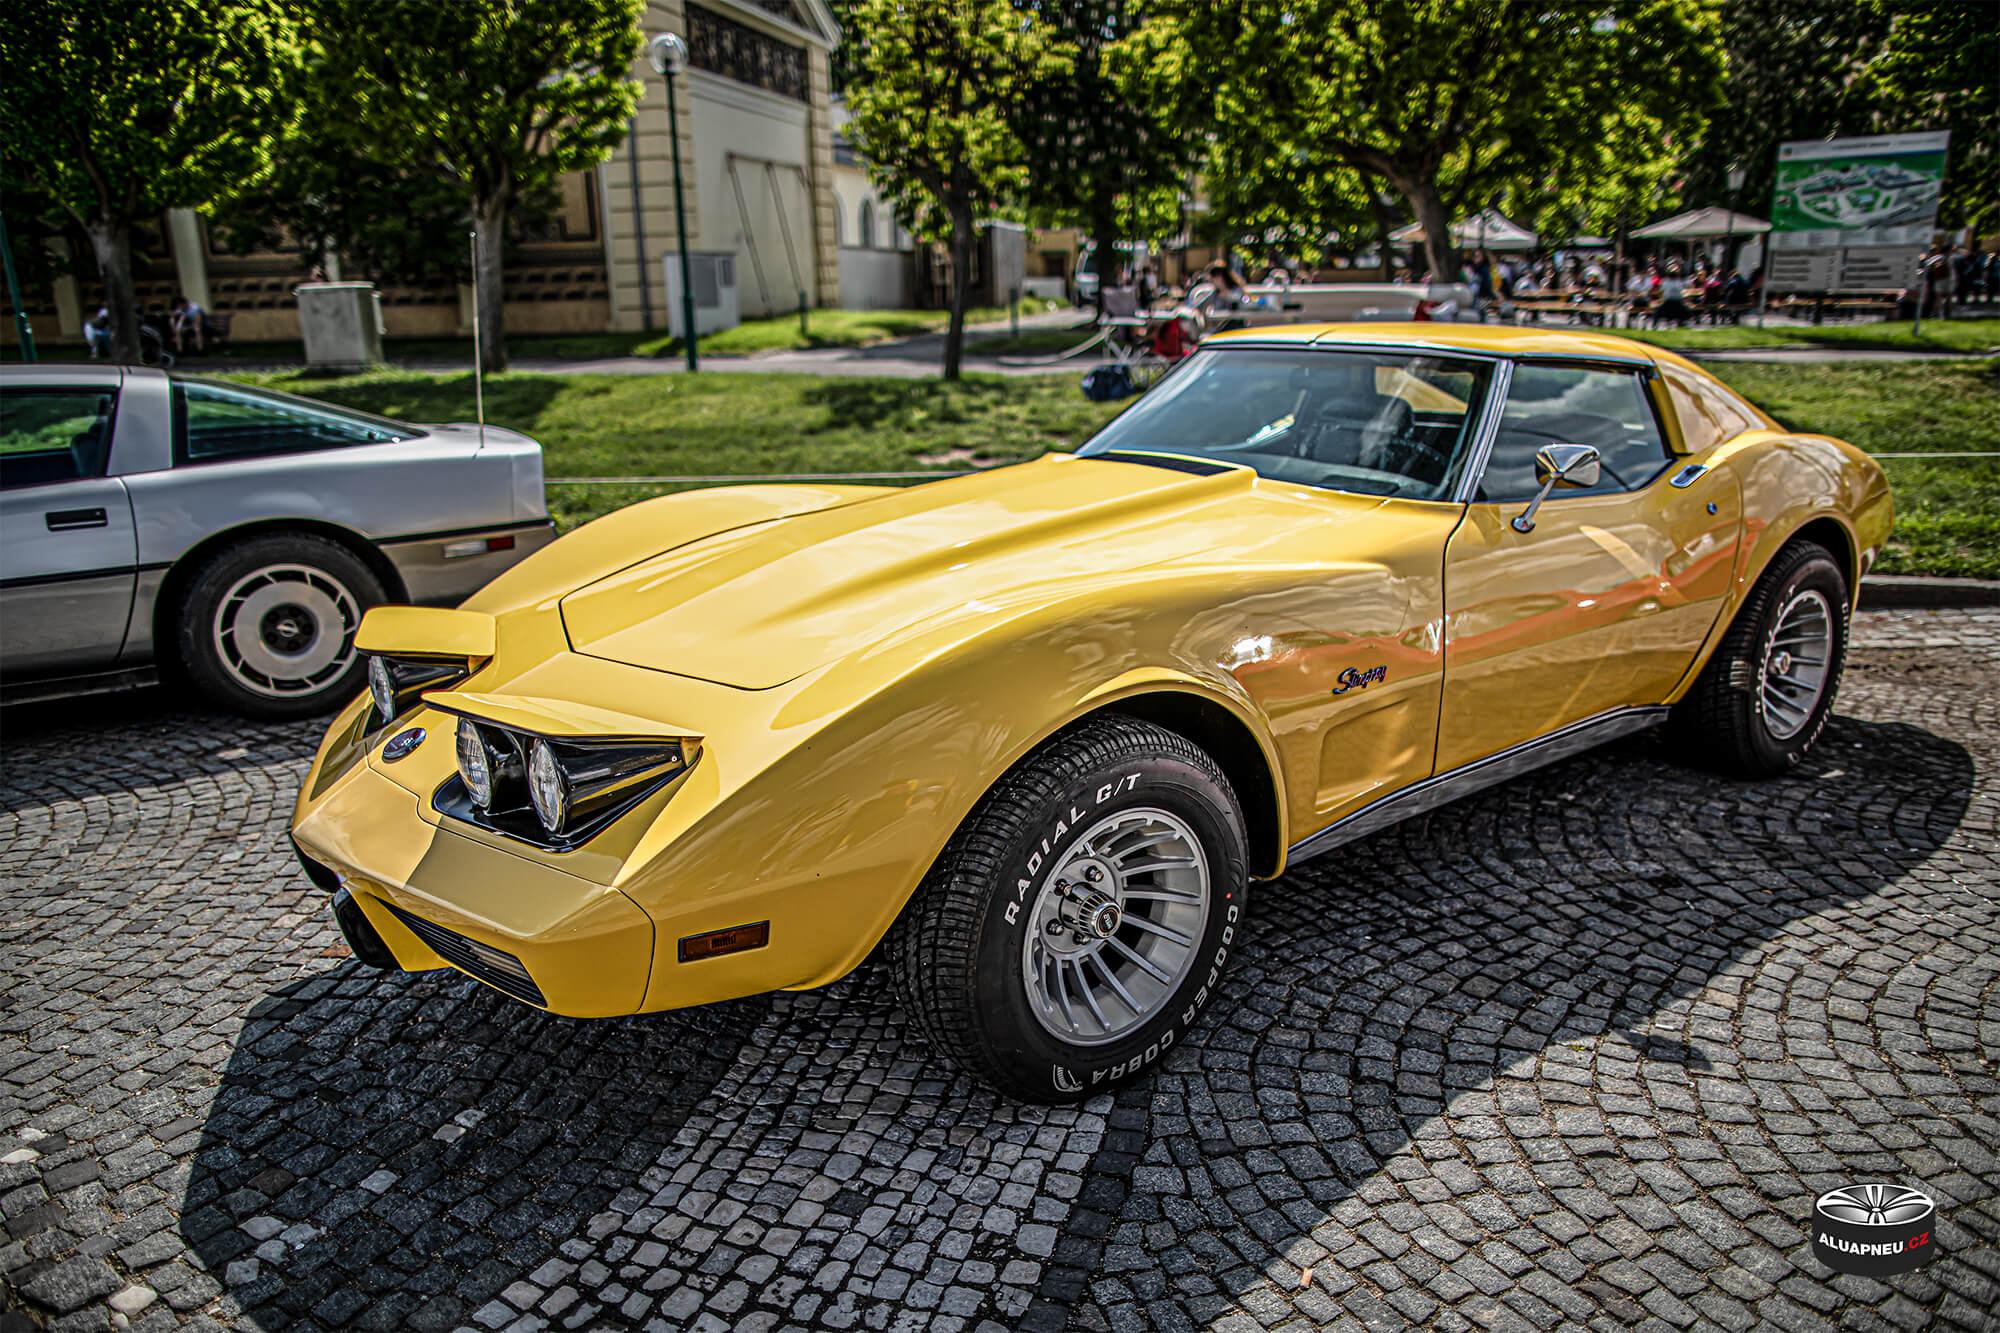 Originální límcová alu kola Chevrolet Corvette - Youngtimer - www.aluapneu.cz